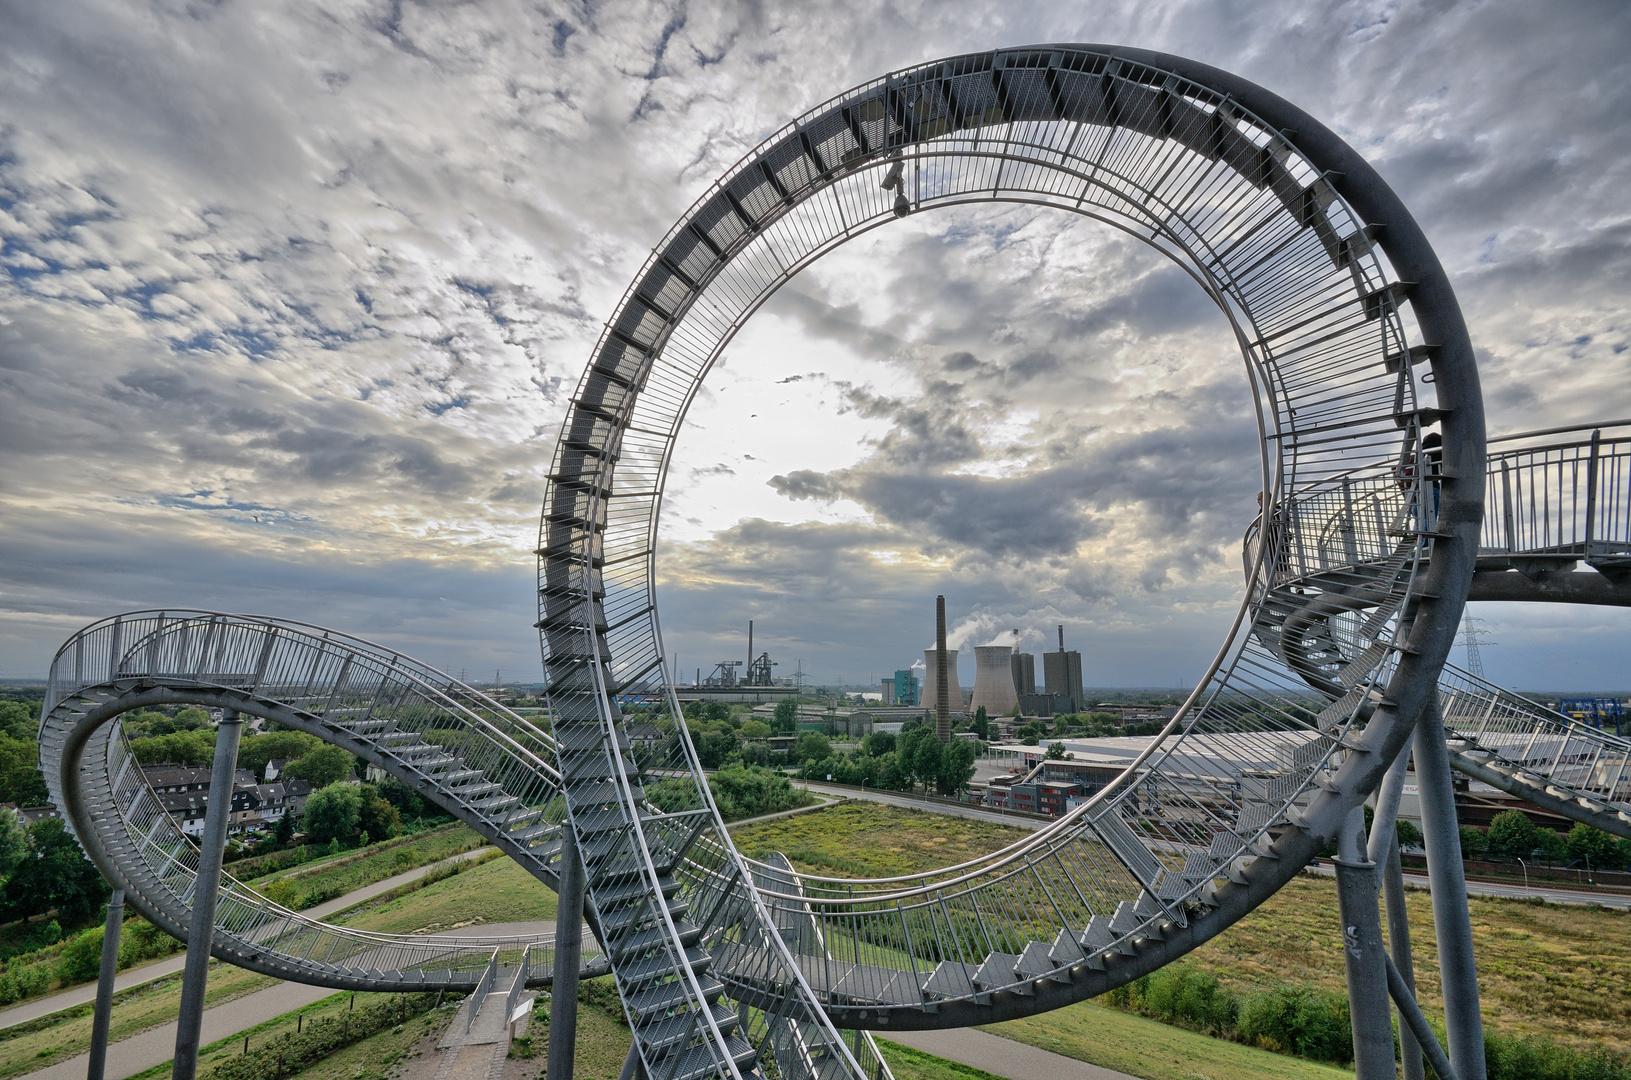 Spiralindustrie